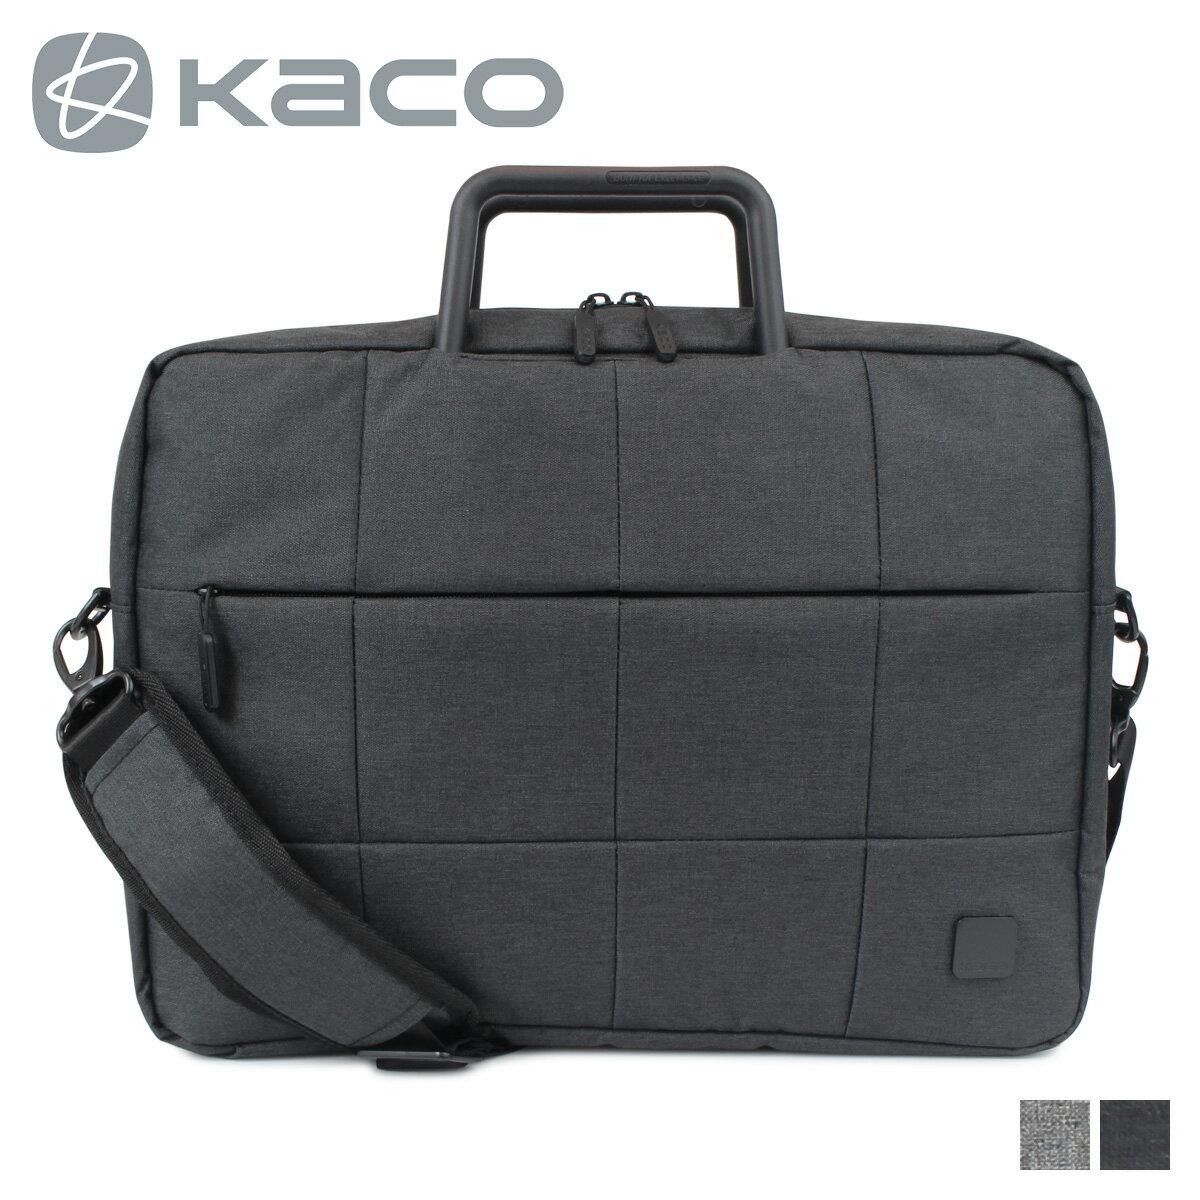 メンズバッグ, ビジネスバッグ・ブリーフケース 1000OFF KACO ALIO BUSINESS BAG K1211